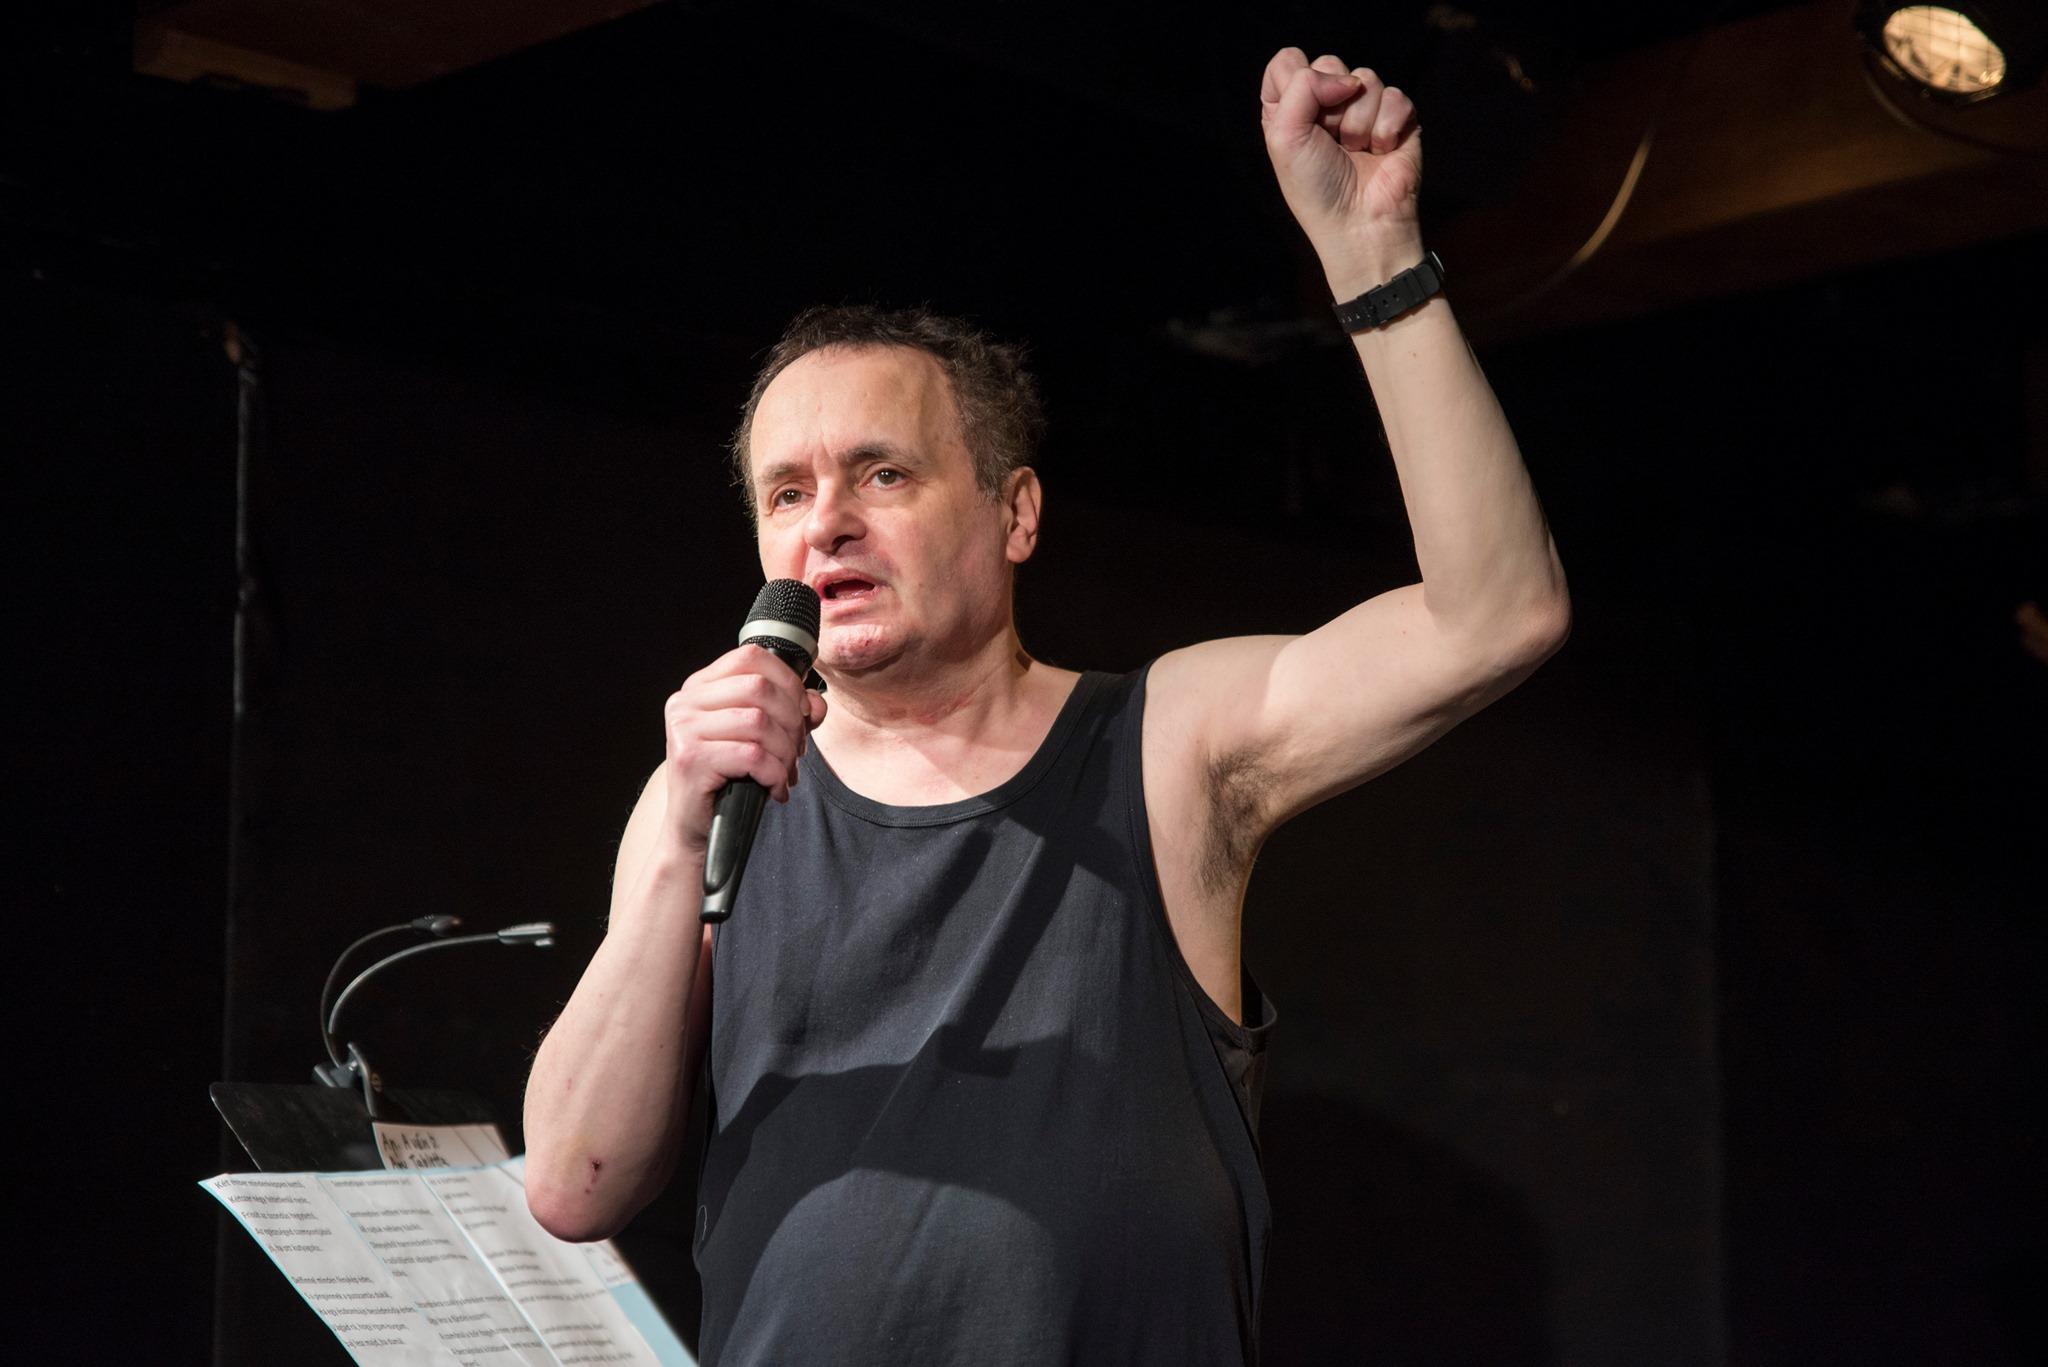 Karinthy-Ring Auszeichnung wird von Humorist Miklós Galla zurückgezogen